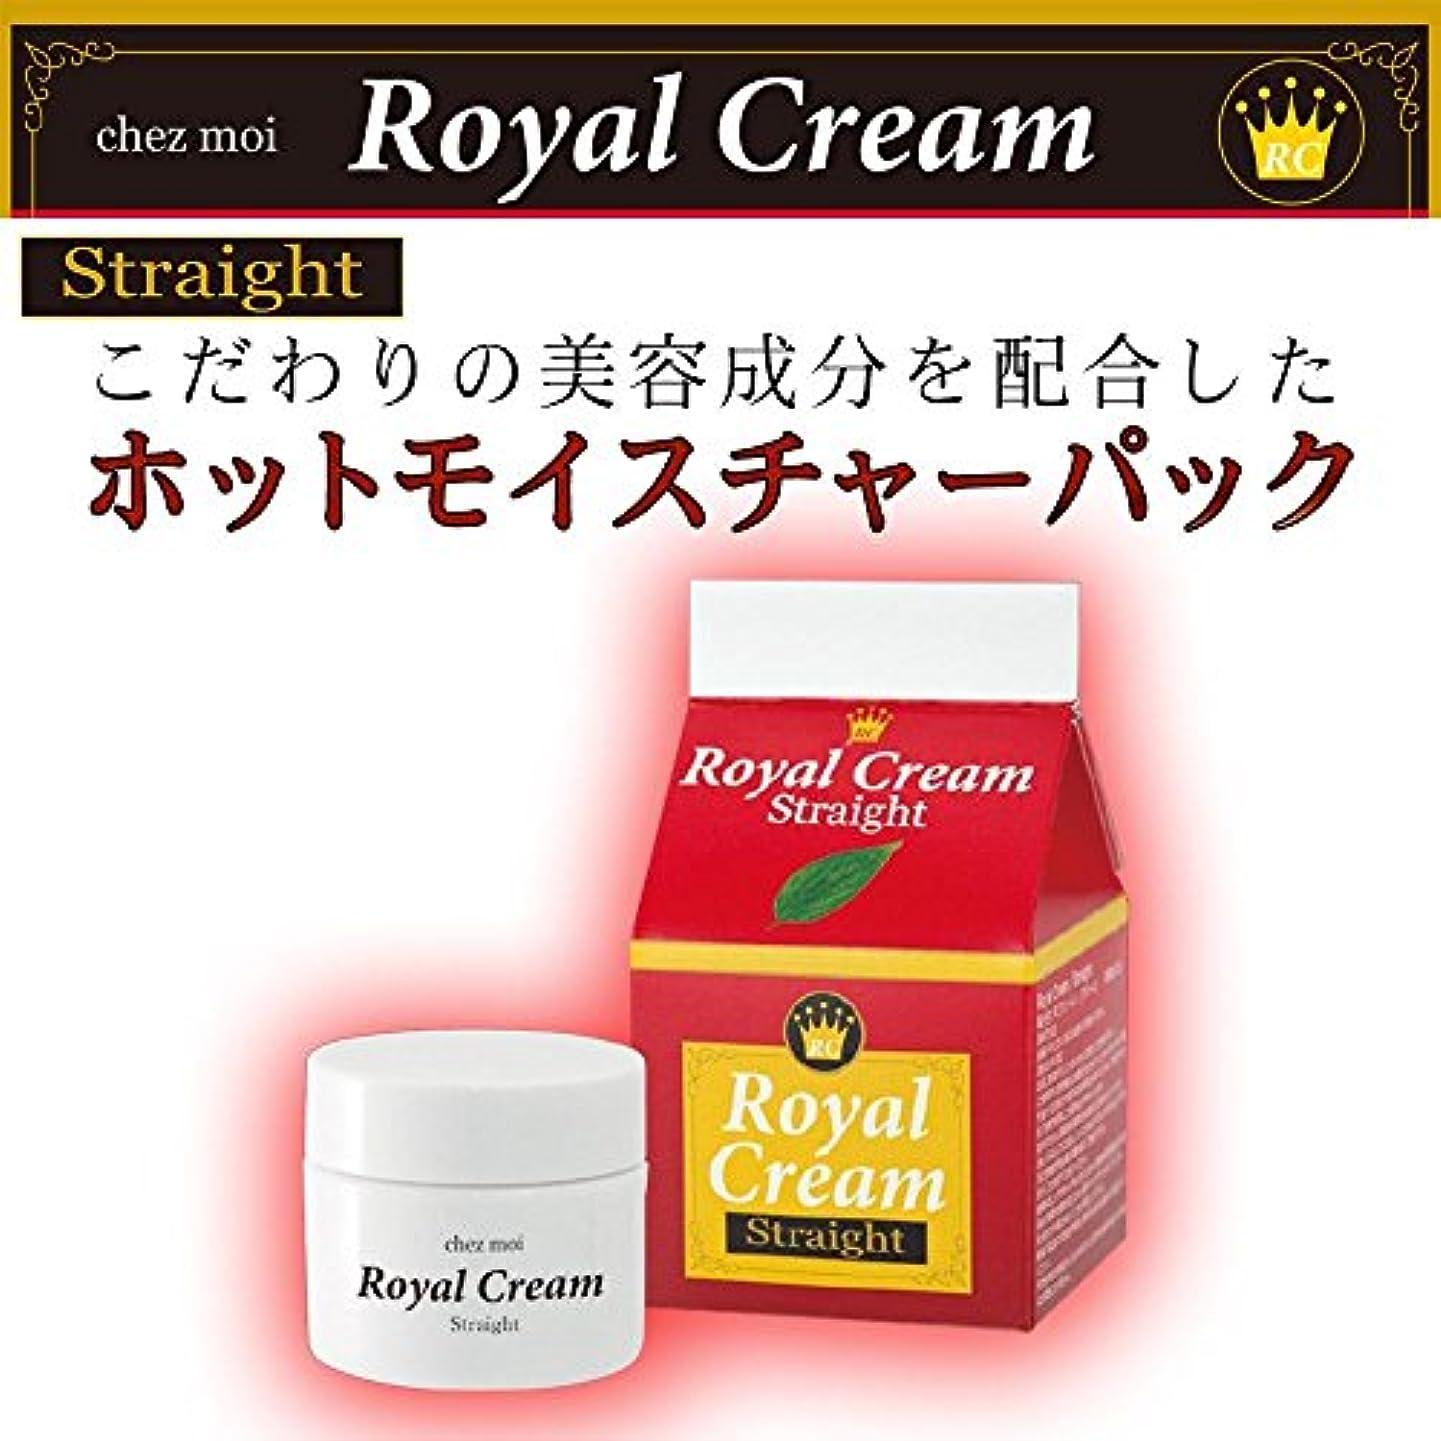 厚さ酔った辞書Royal Cream(ロイヤルクリーム) Straight(ストレート) モイスチャーパック 30g